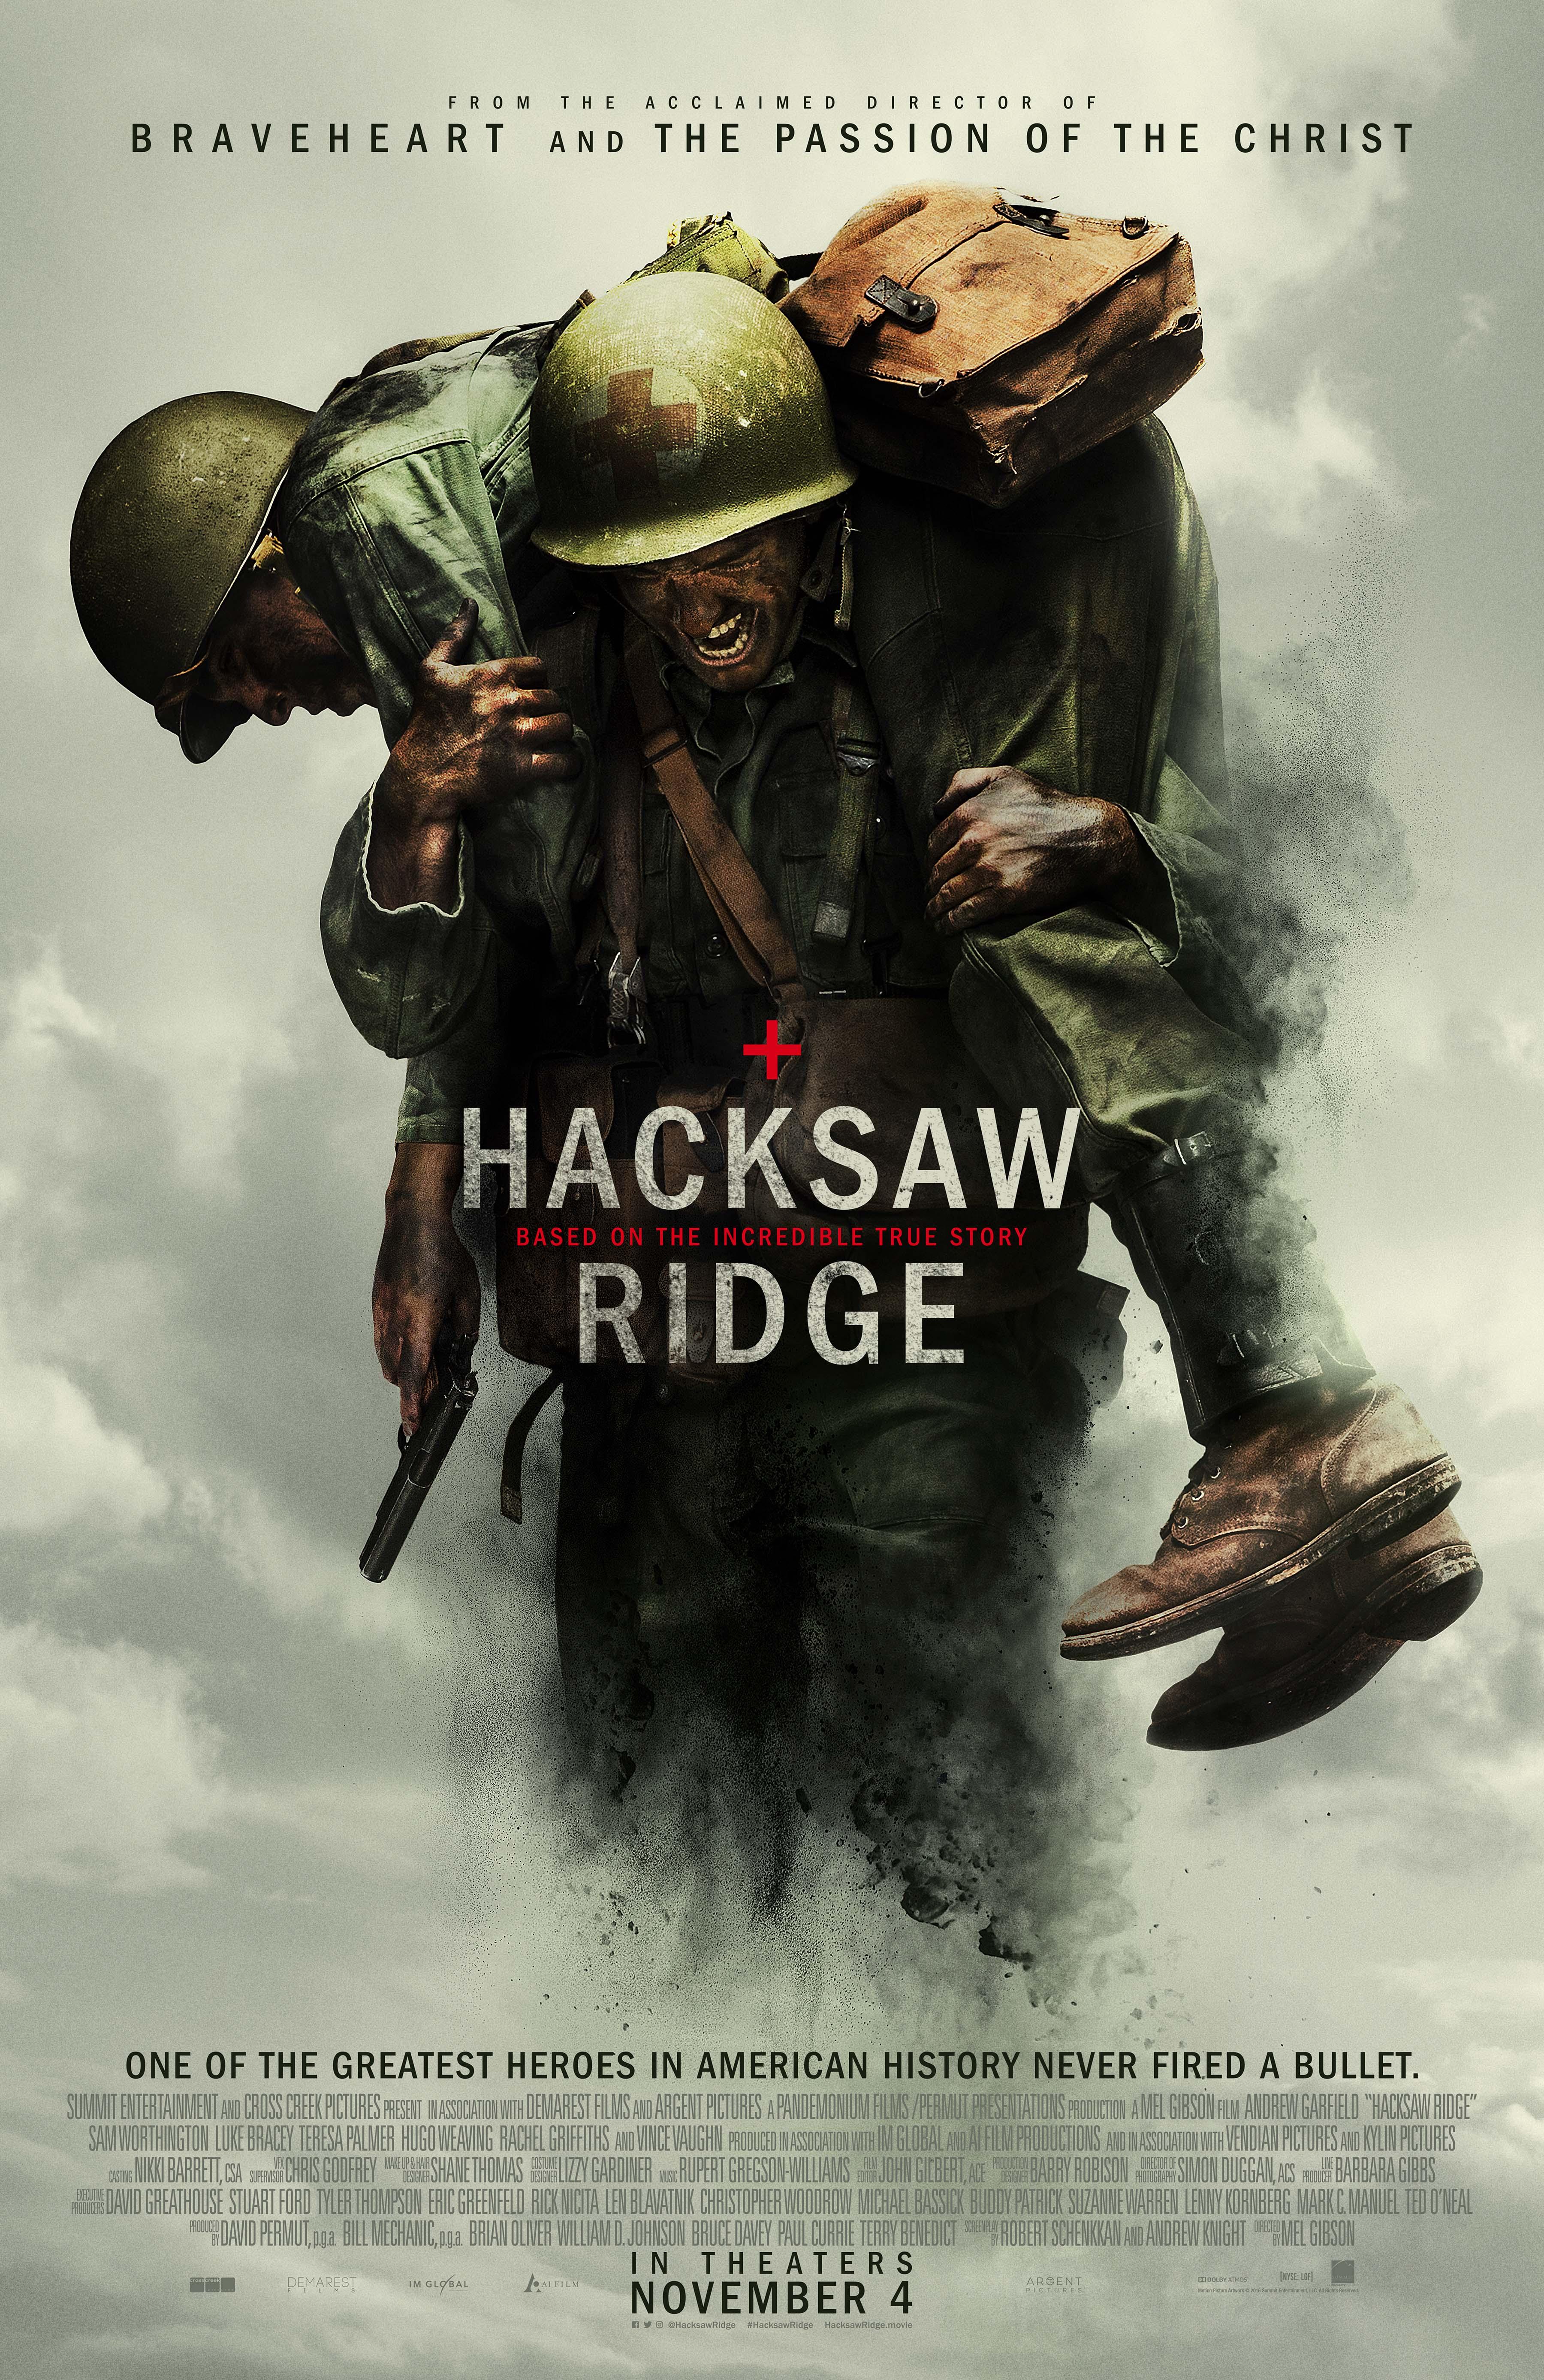 hacksaw-ridge-final-poster_rgb